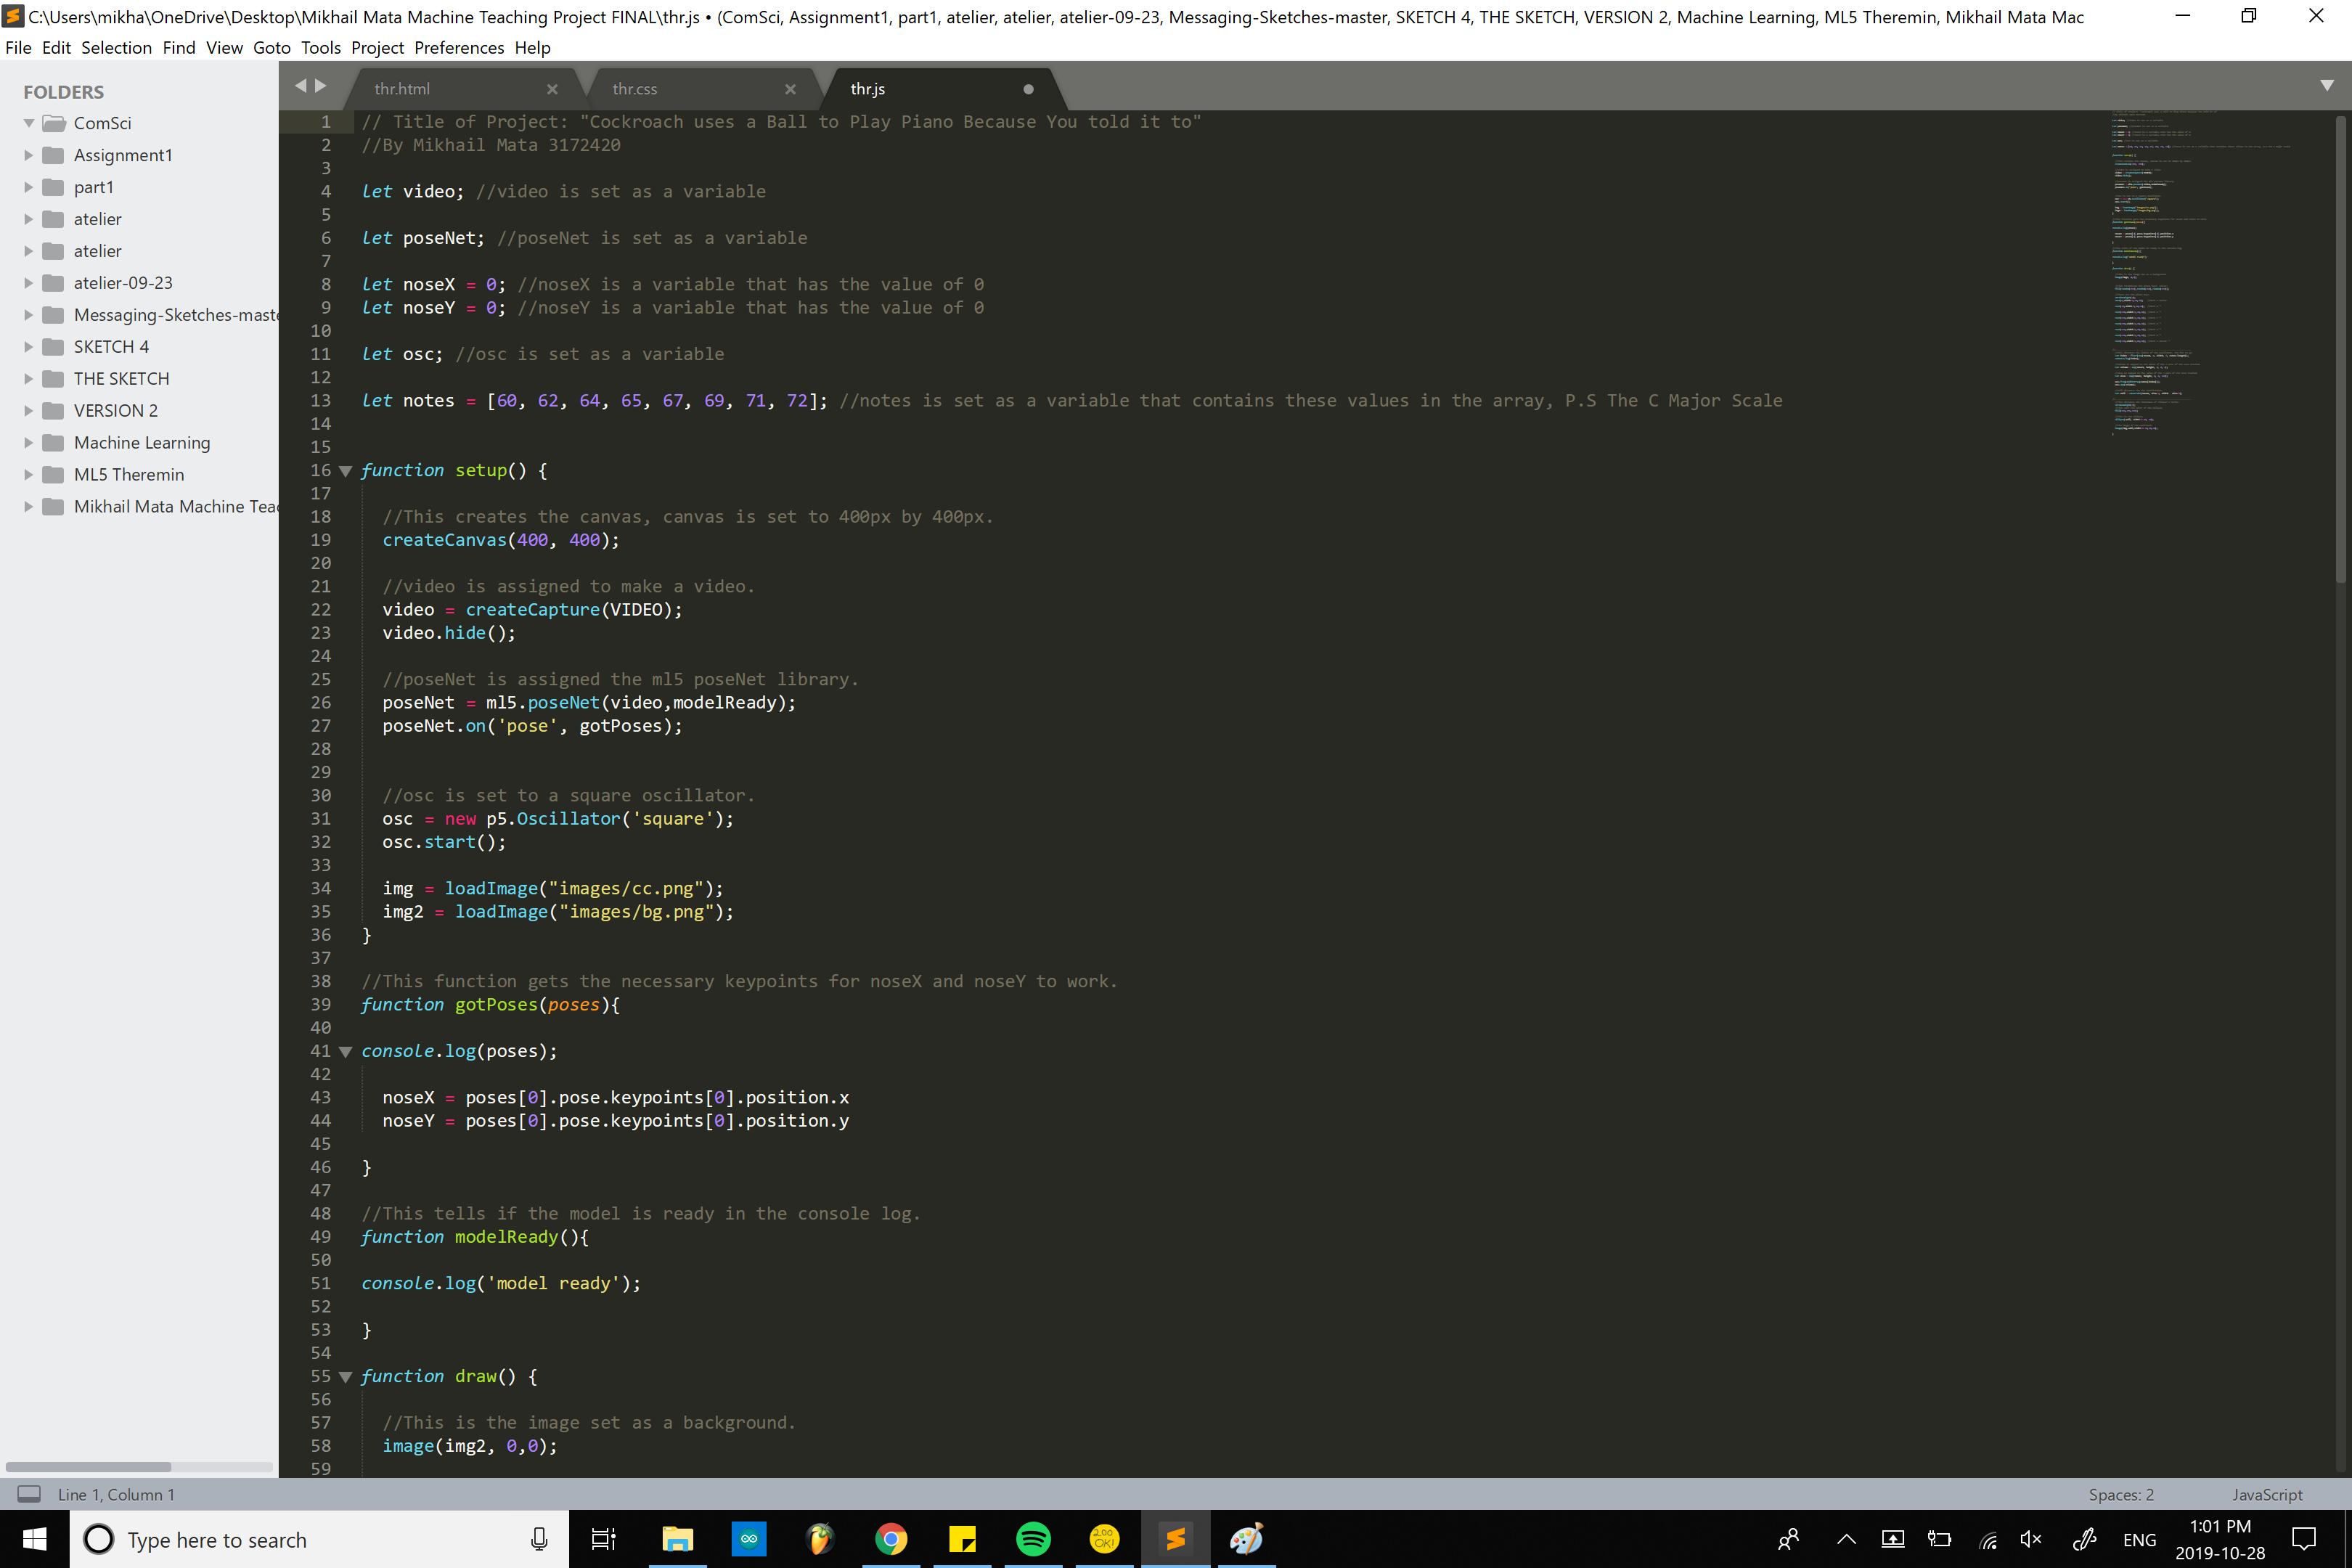 js-code-1